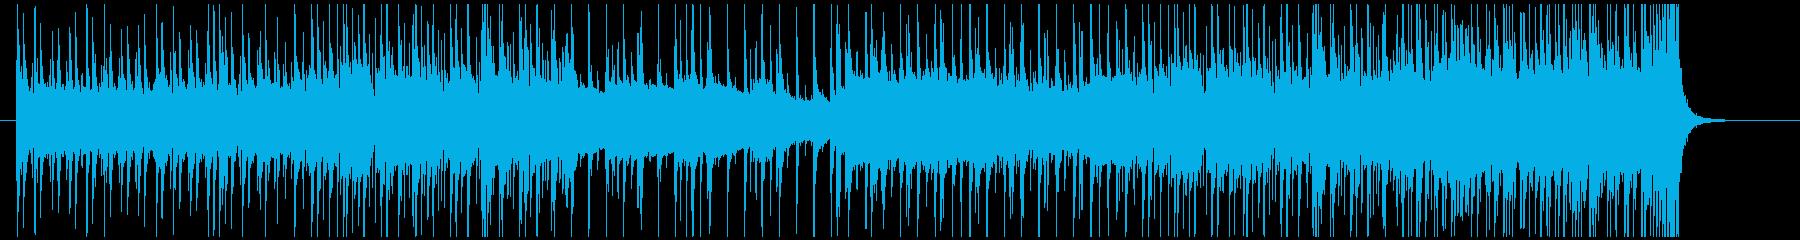 8分の6拍子の津軽三味線ロックの再生済みの波形